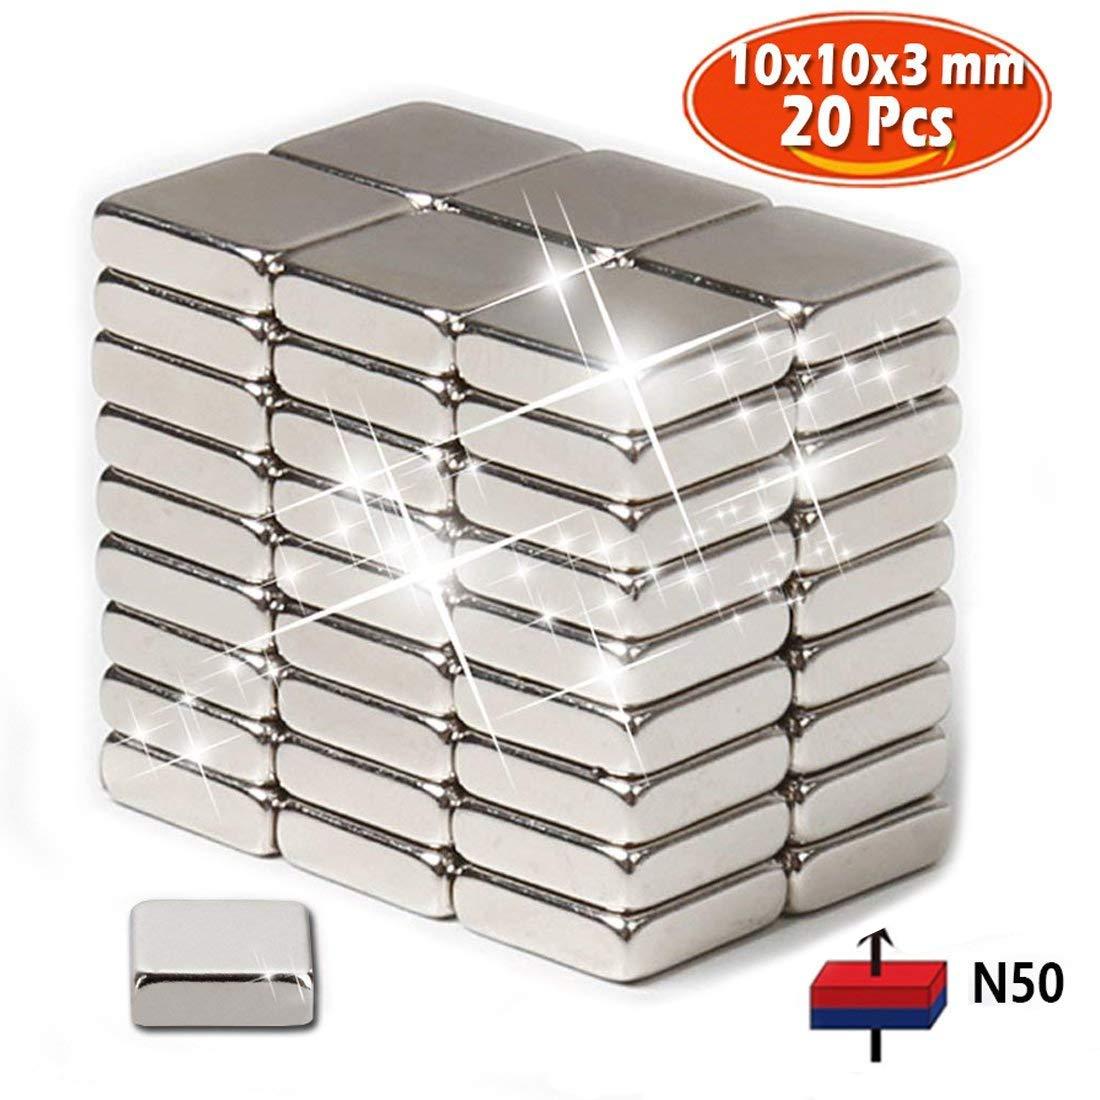 Aimants pour réfrigérateur faits de néodyme N50 (20 PCs) | 10x10 x 3 mm, | Aimants Rare Earth en magnétron pour l'Arts l'artisanat loisirs et organisation de bureau SZSYM